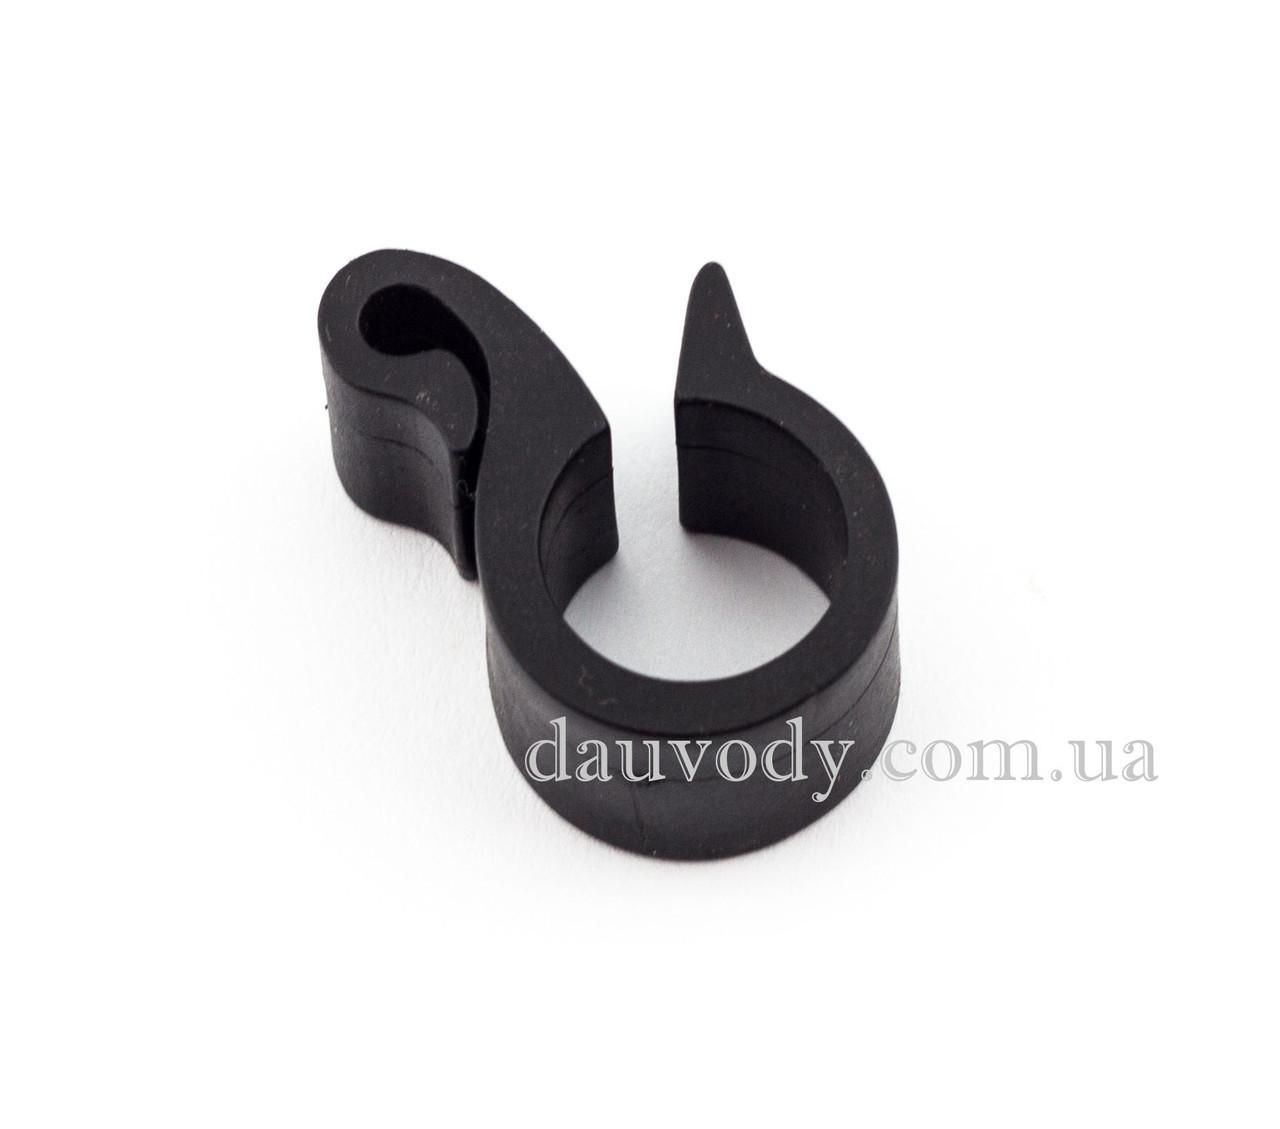 Скоба крепежная подвесная для капельной трубки 20 мм